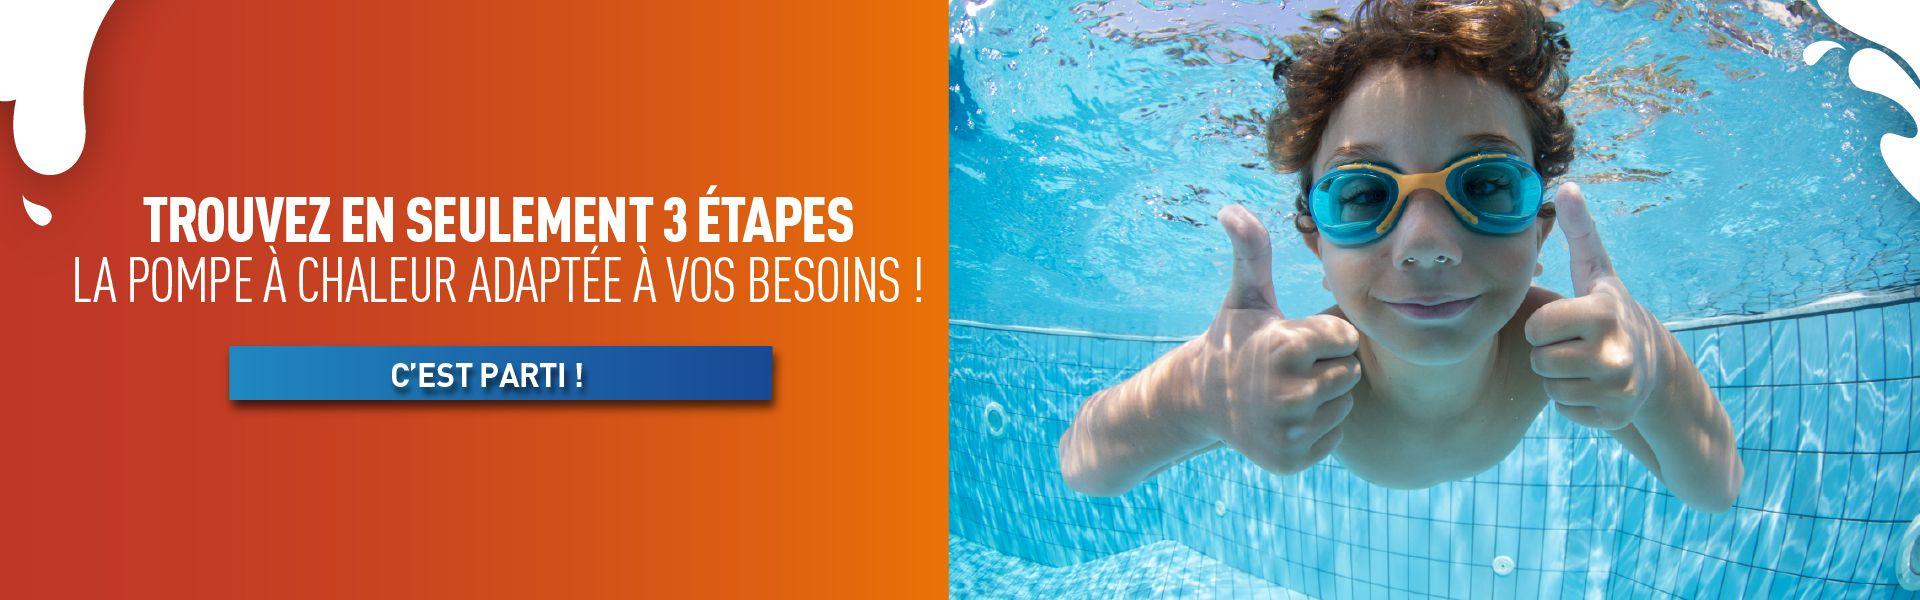 Cash Piscines - Tout Pour La Piscine & Spas Gonflables ... intérieur Cash Piscine Bourg De Peage